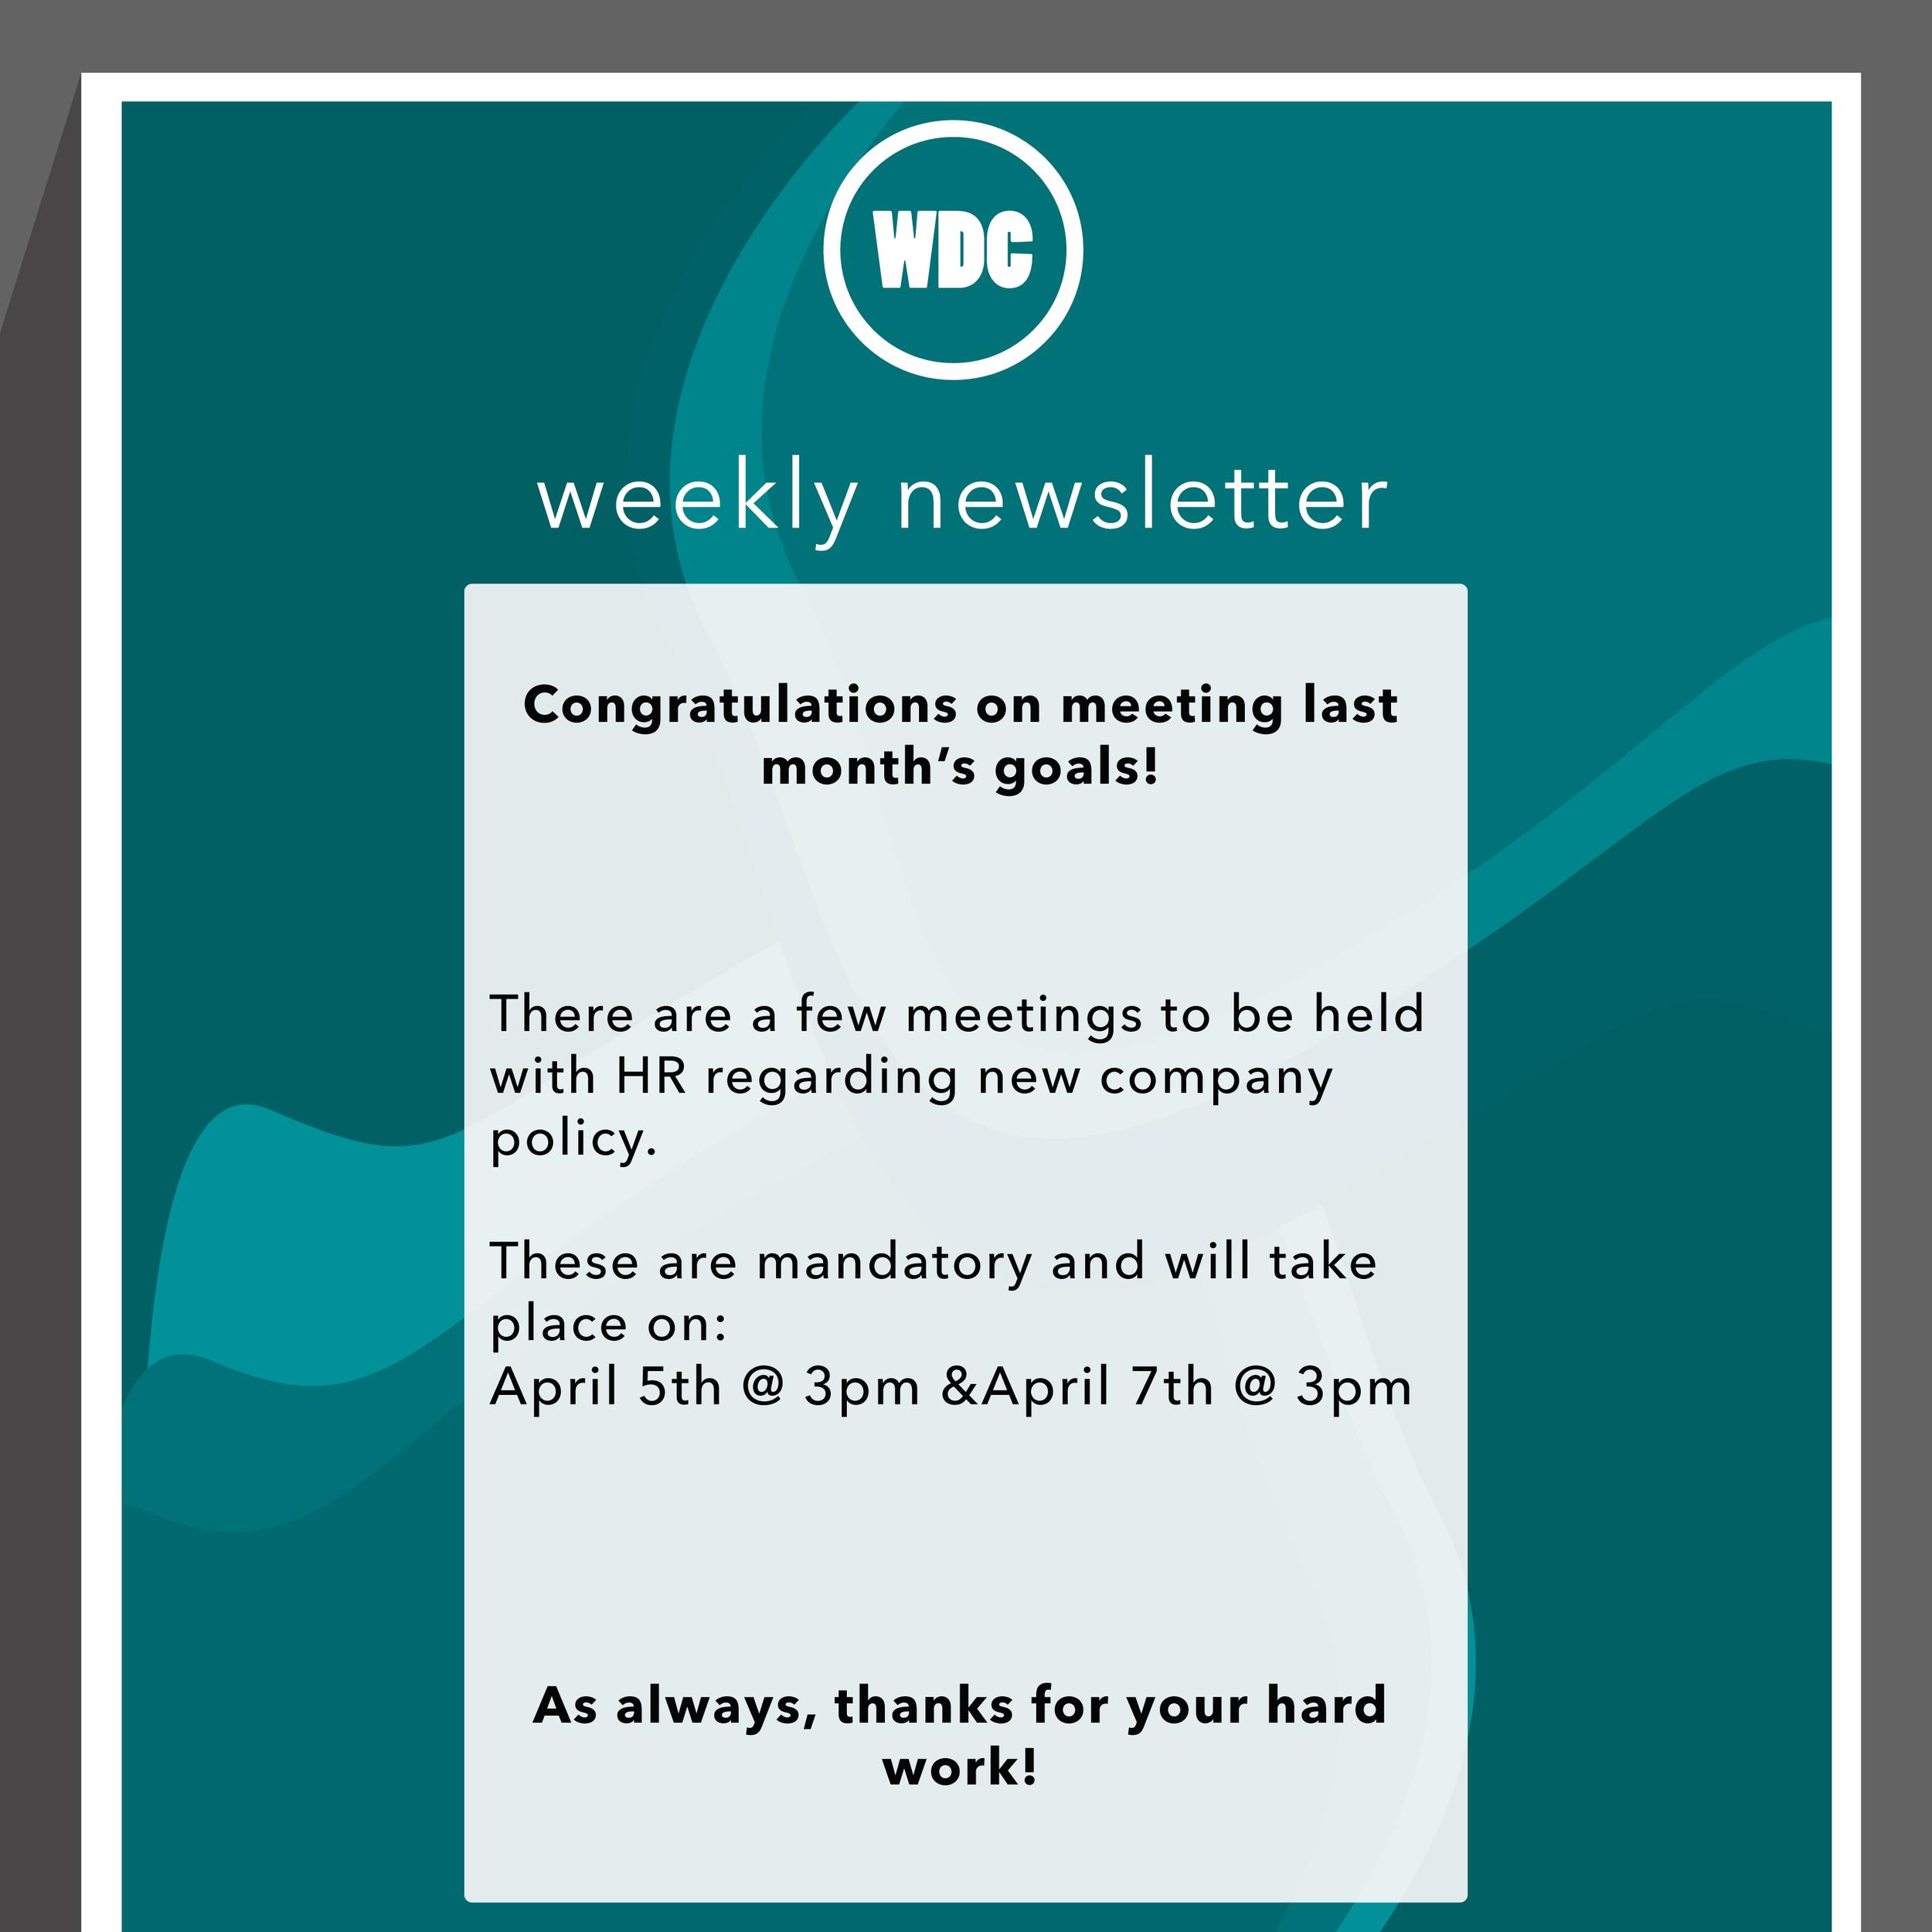 weeklynewsletter.png